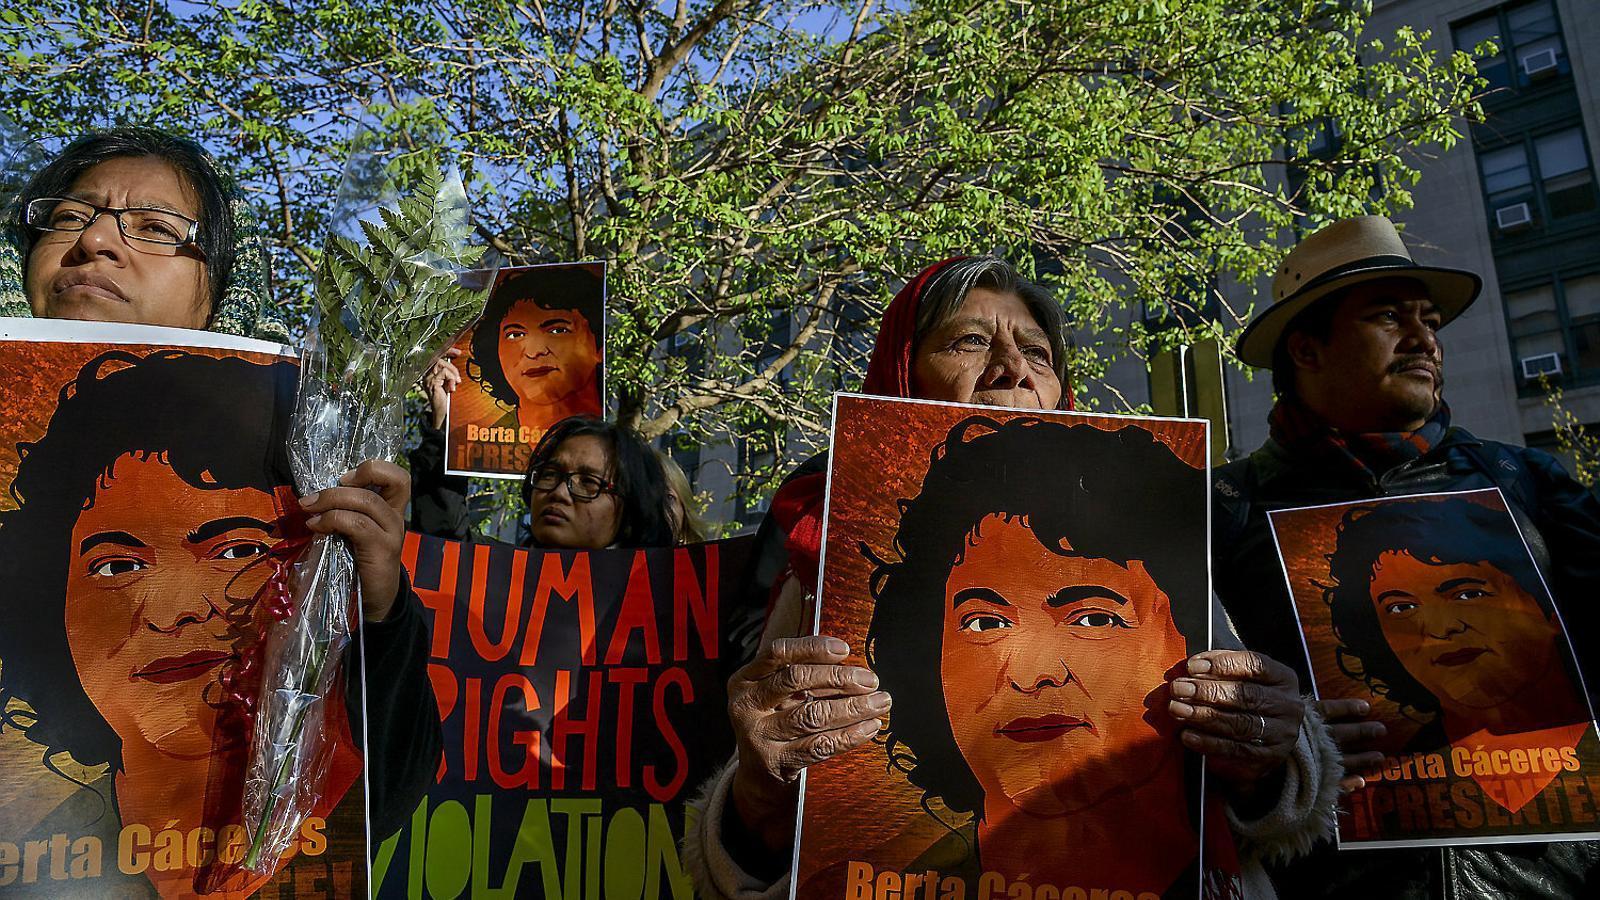 Manifestació a Washington en record de Berta Cáceres, activista ambientalista assassinada a Hondures